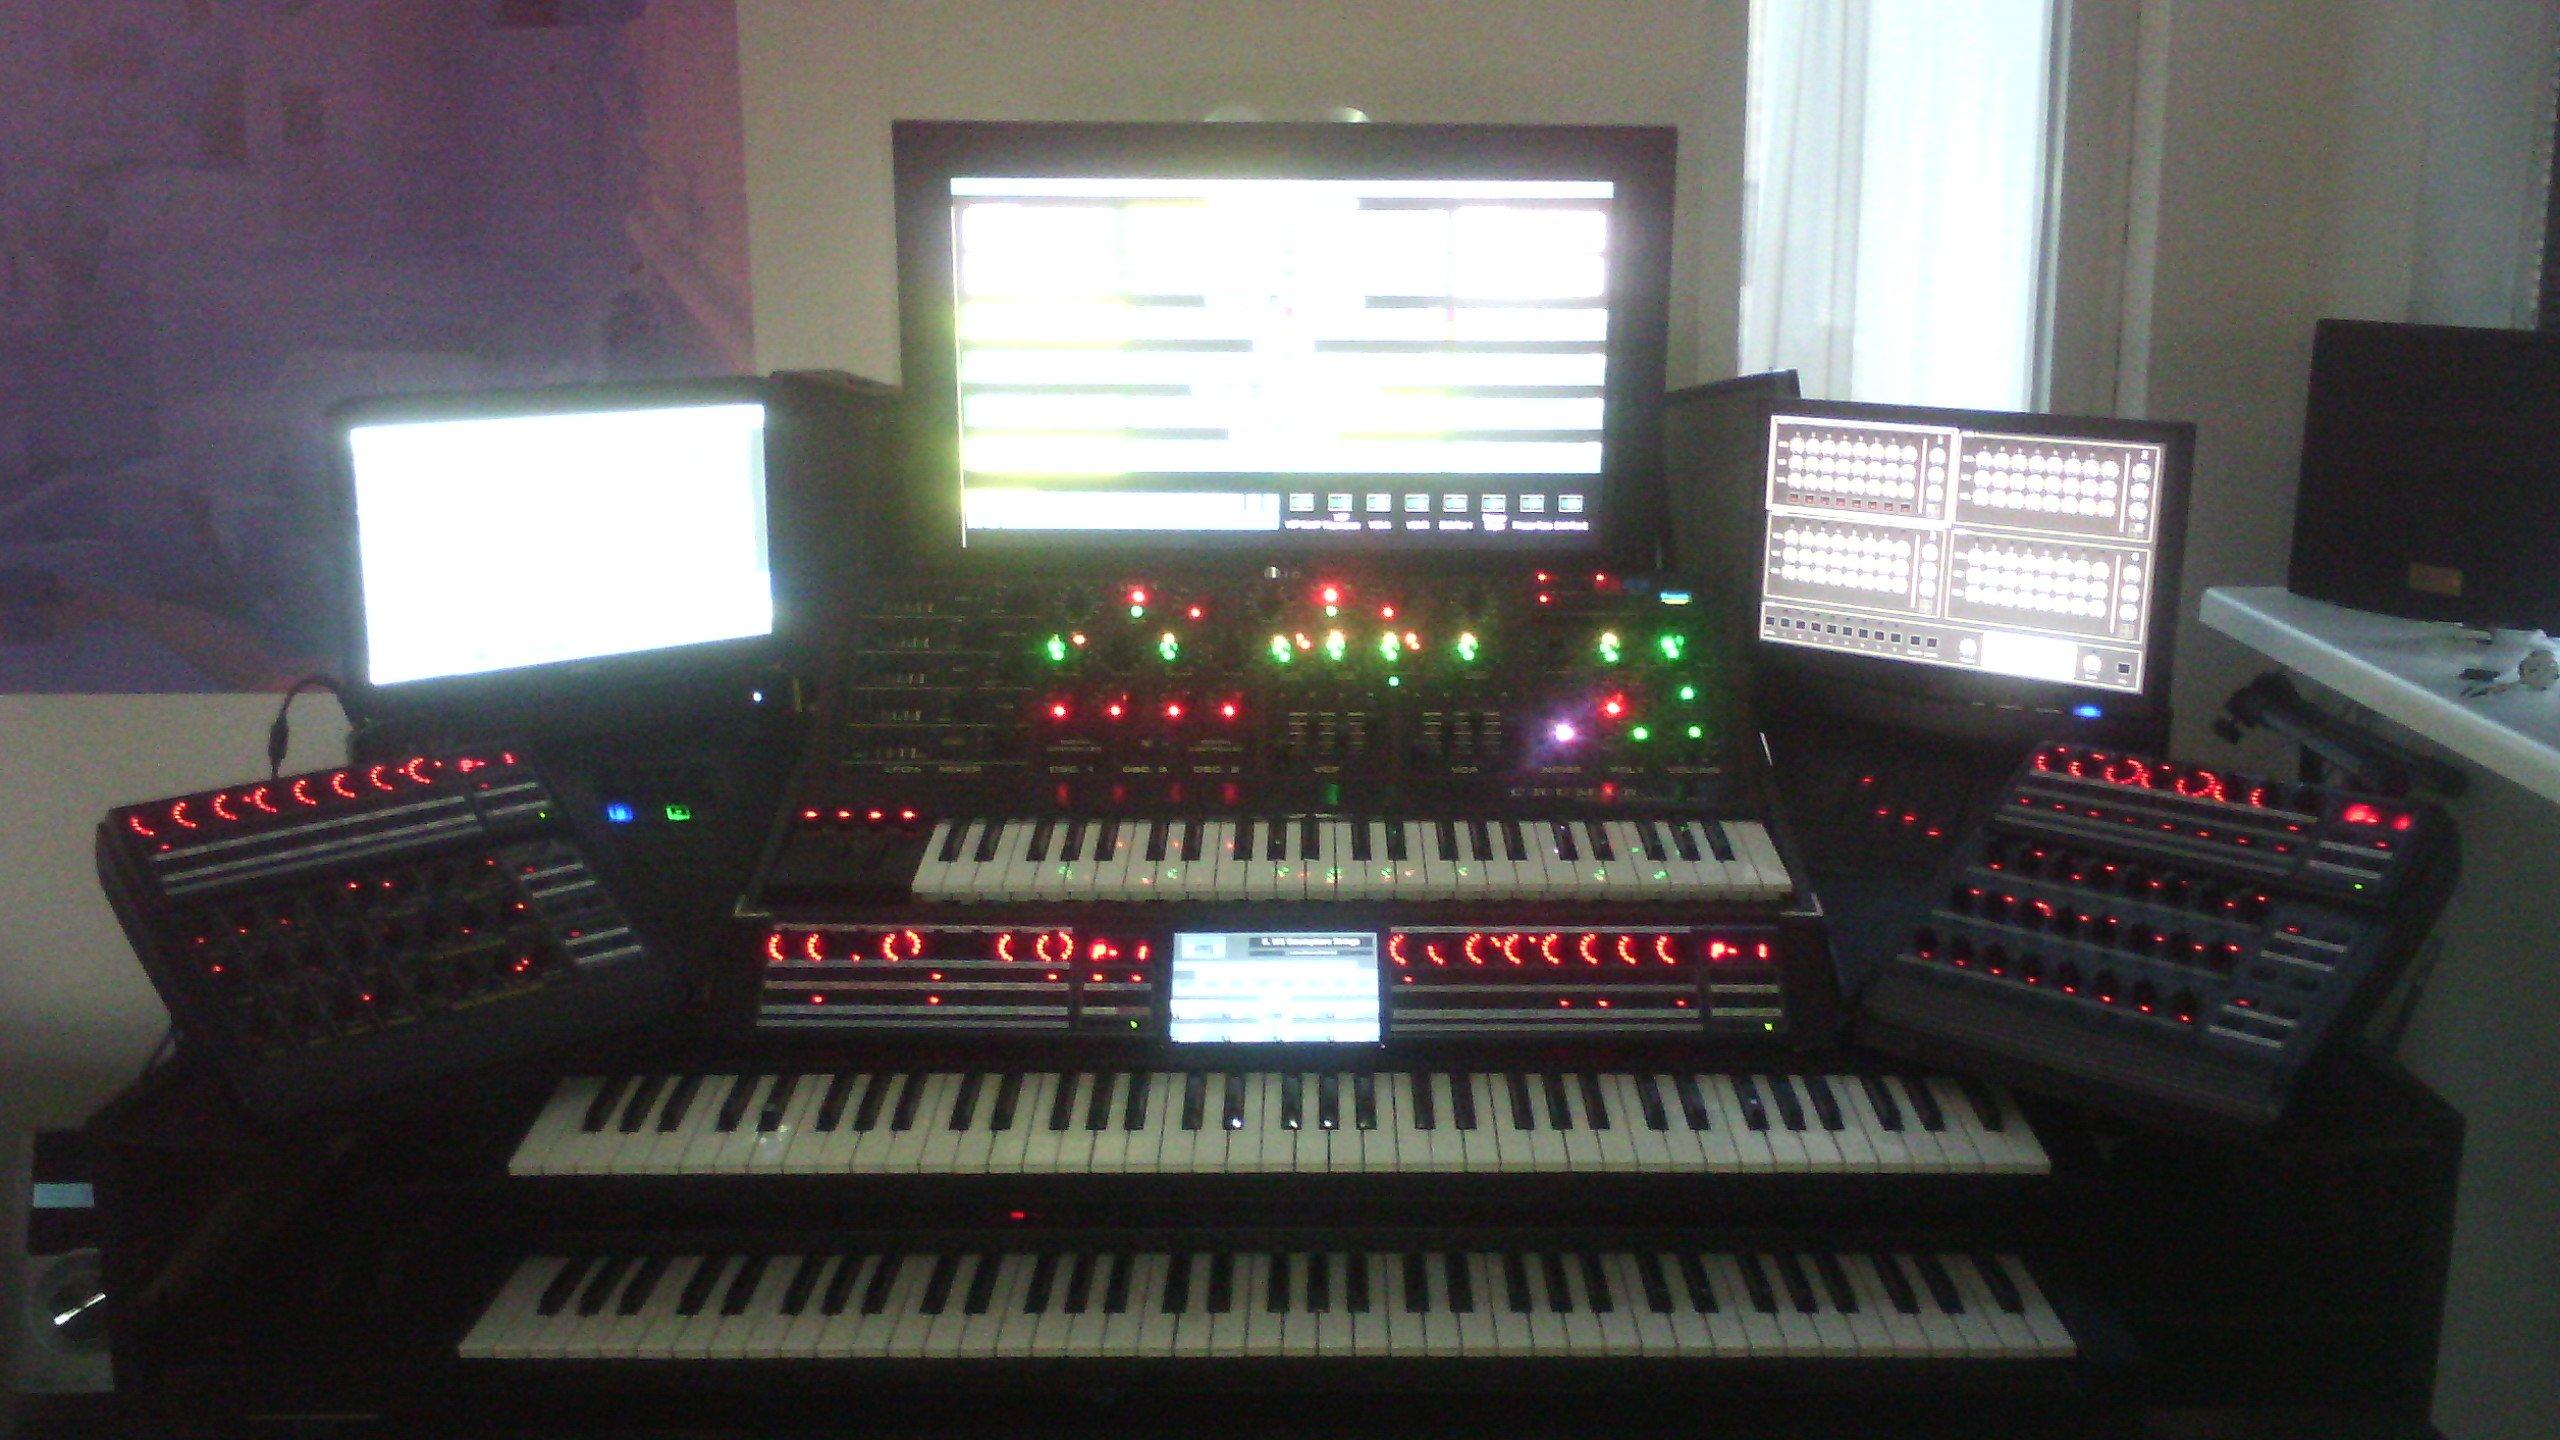 MIDI/VST